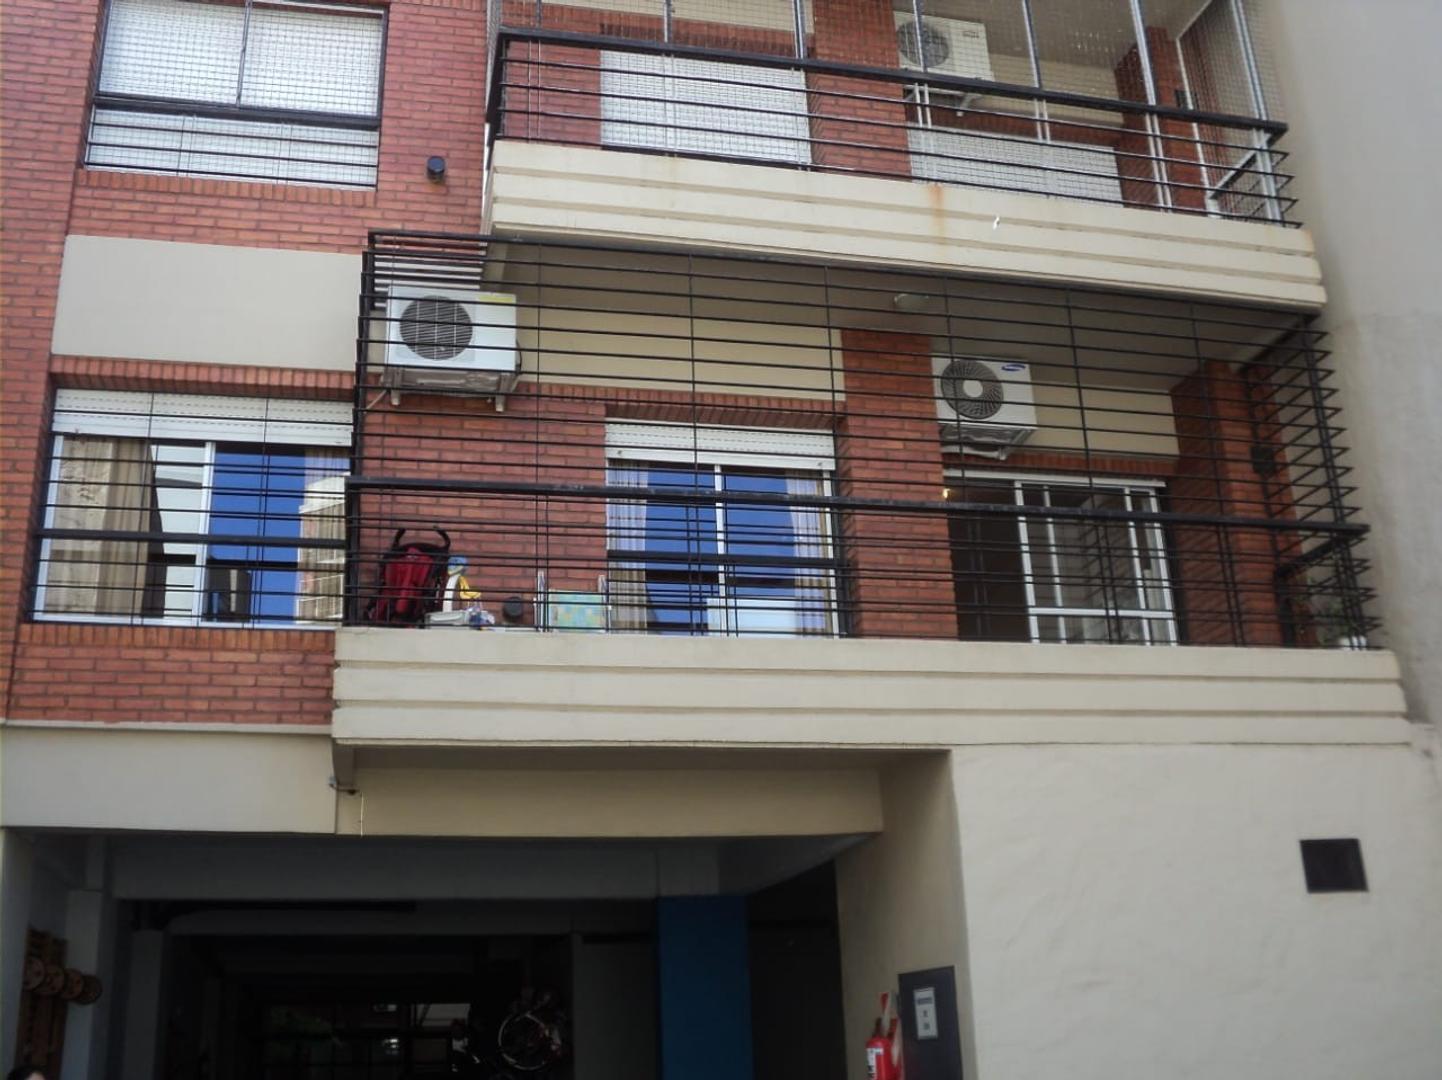 Semipiso de 3 ambientes y cochera en Almagro - zona Parque Centenario - Foto 21